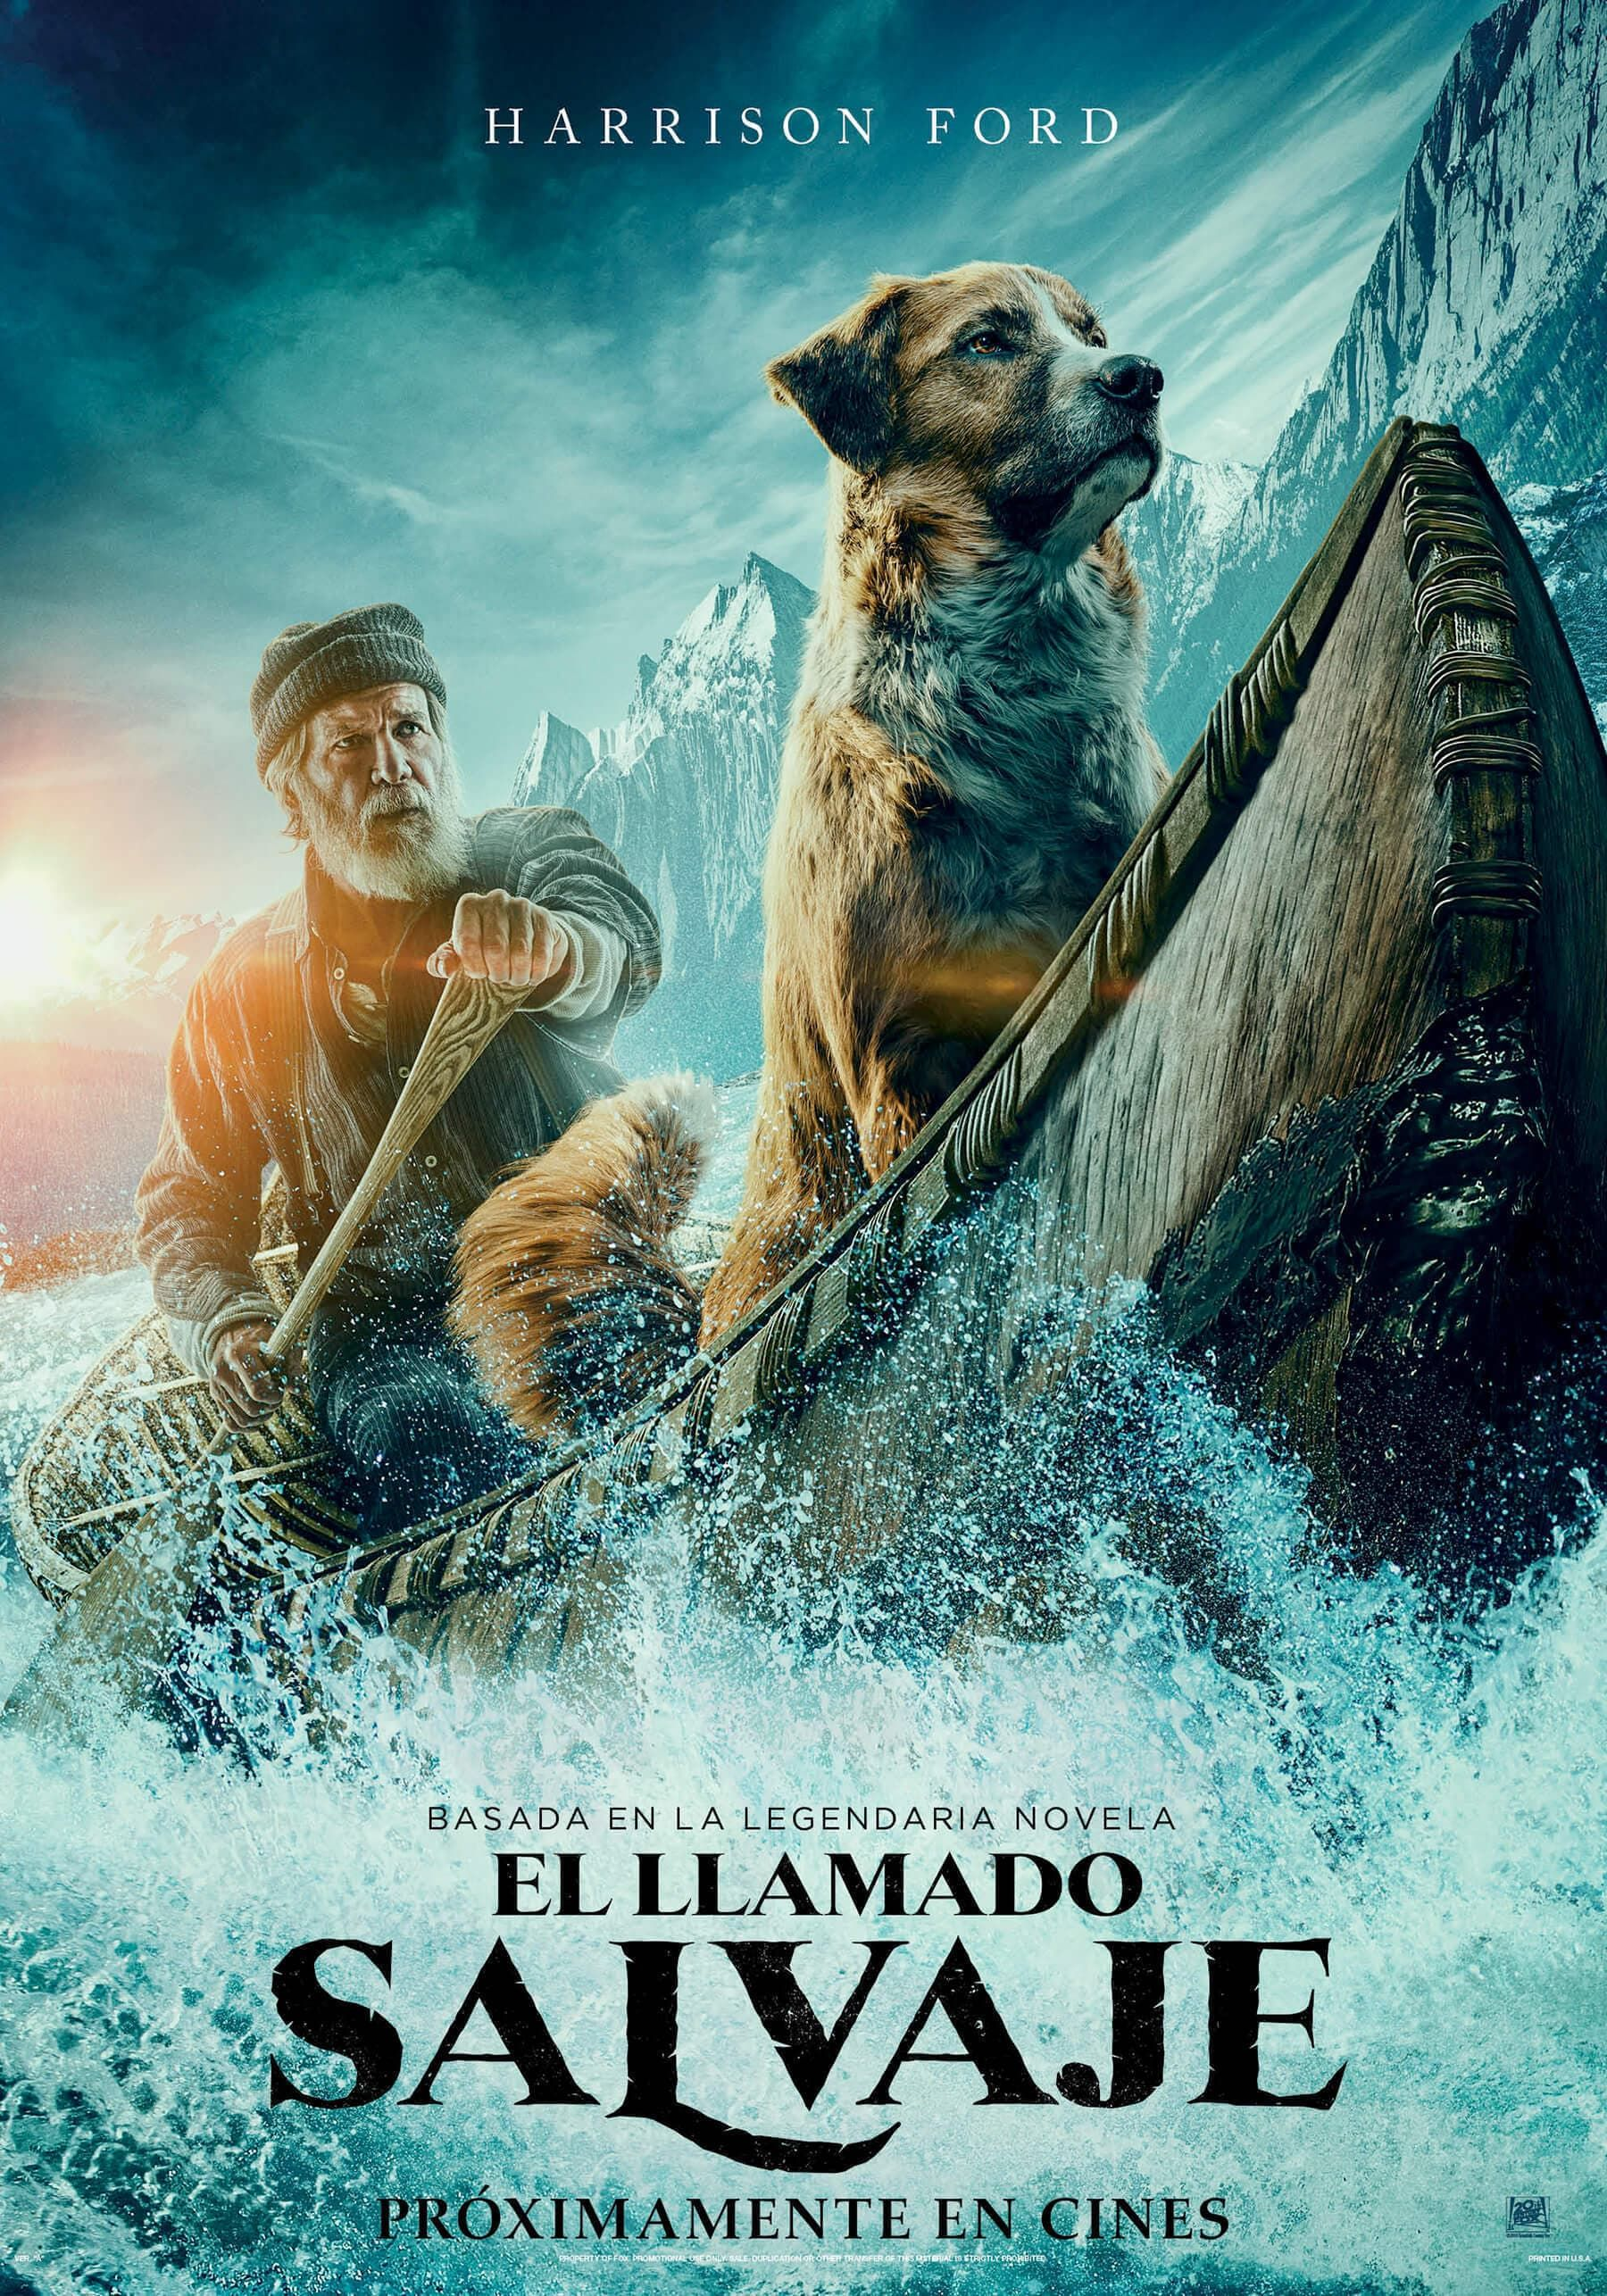 El Llamado Salvaje Disney Latino Películas Completas Gratis Ver Peliculas Gratis Peliculas Infantiles De Disney